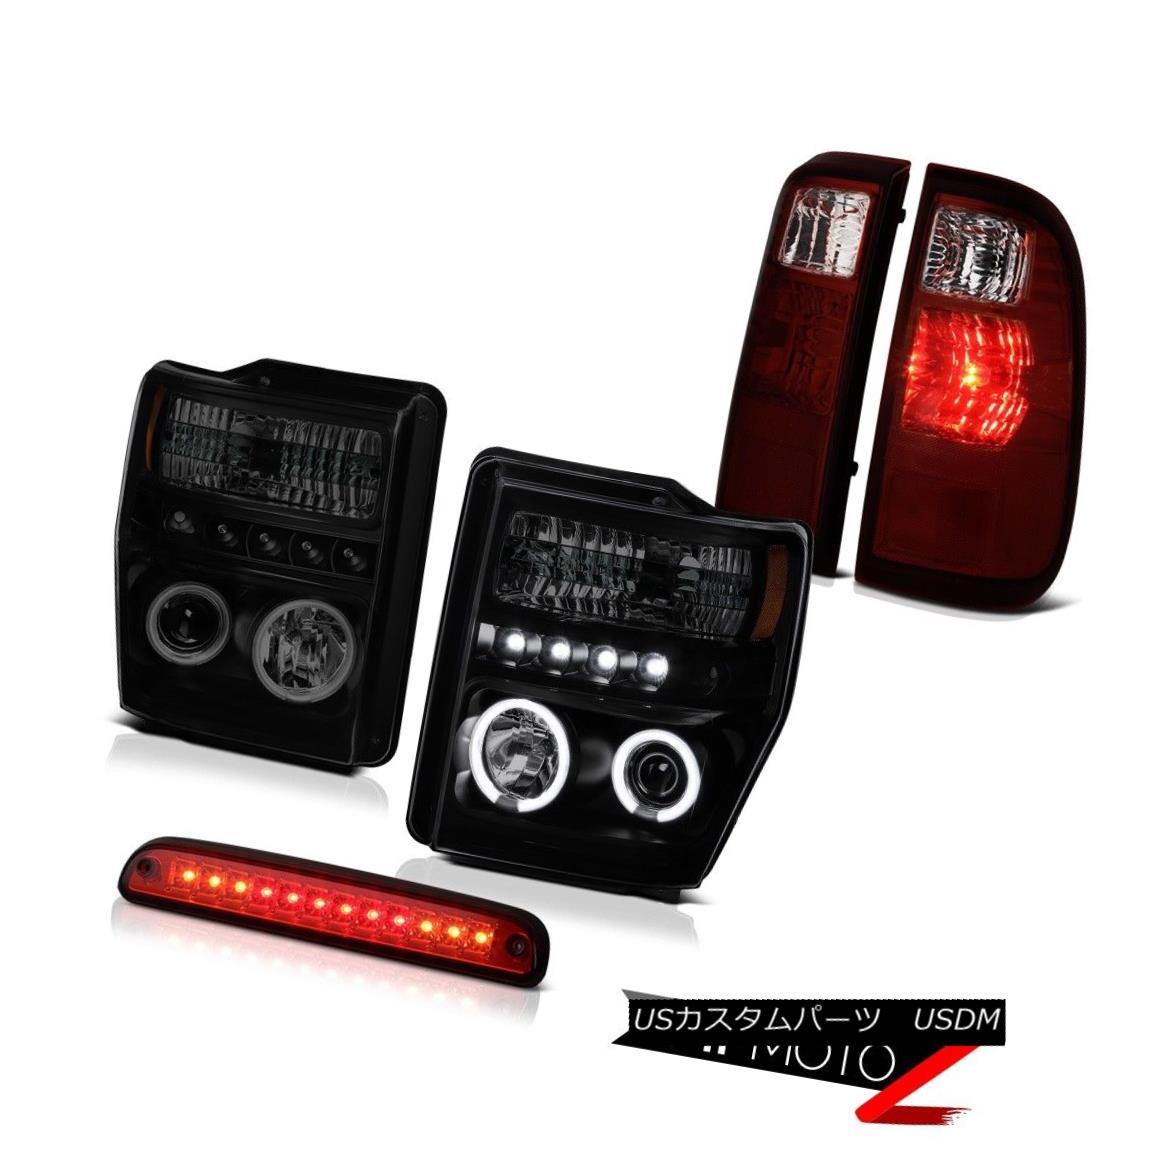 テールライト Devil's CCFL Ring DRL Headlights High Stop LED Red Tail Lights 08-10 F250 6.3L 悪魔のCCFLリングDRLヘッドライトハイストップLEDレッドテールライト08-10 F250 6.3L